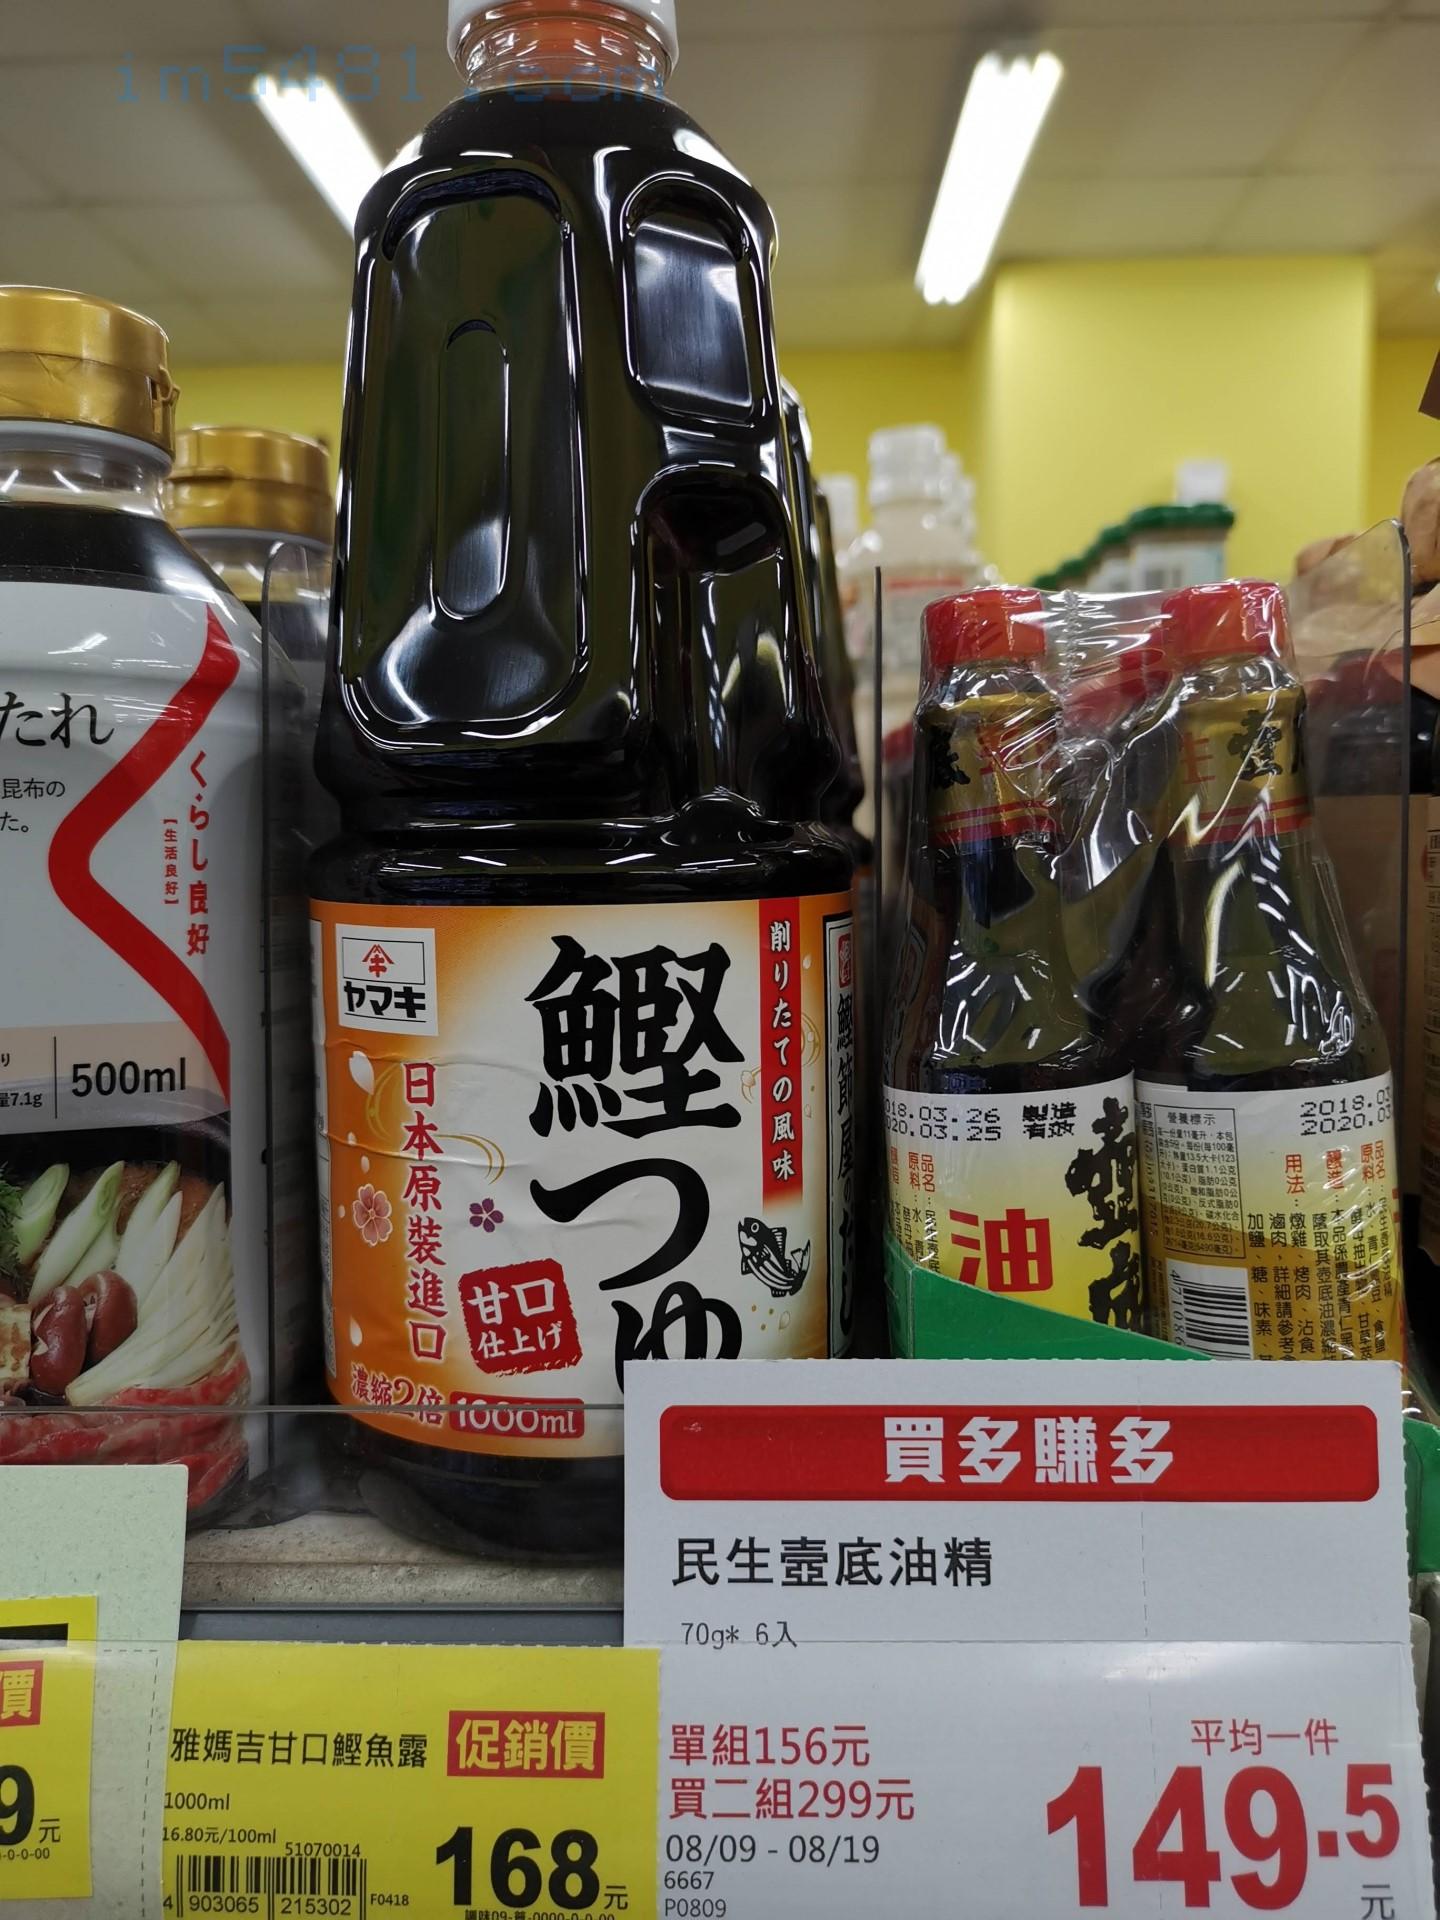 購買醬油的地方 4: 全聯福利中心 – im5481